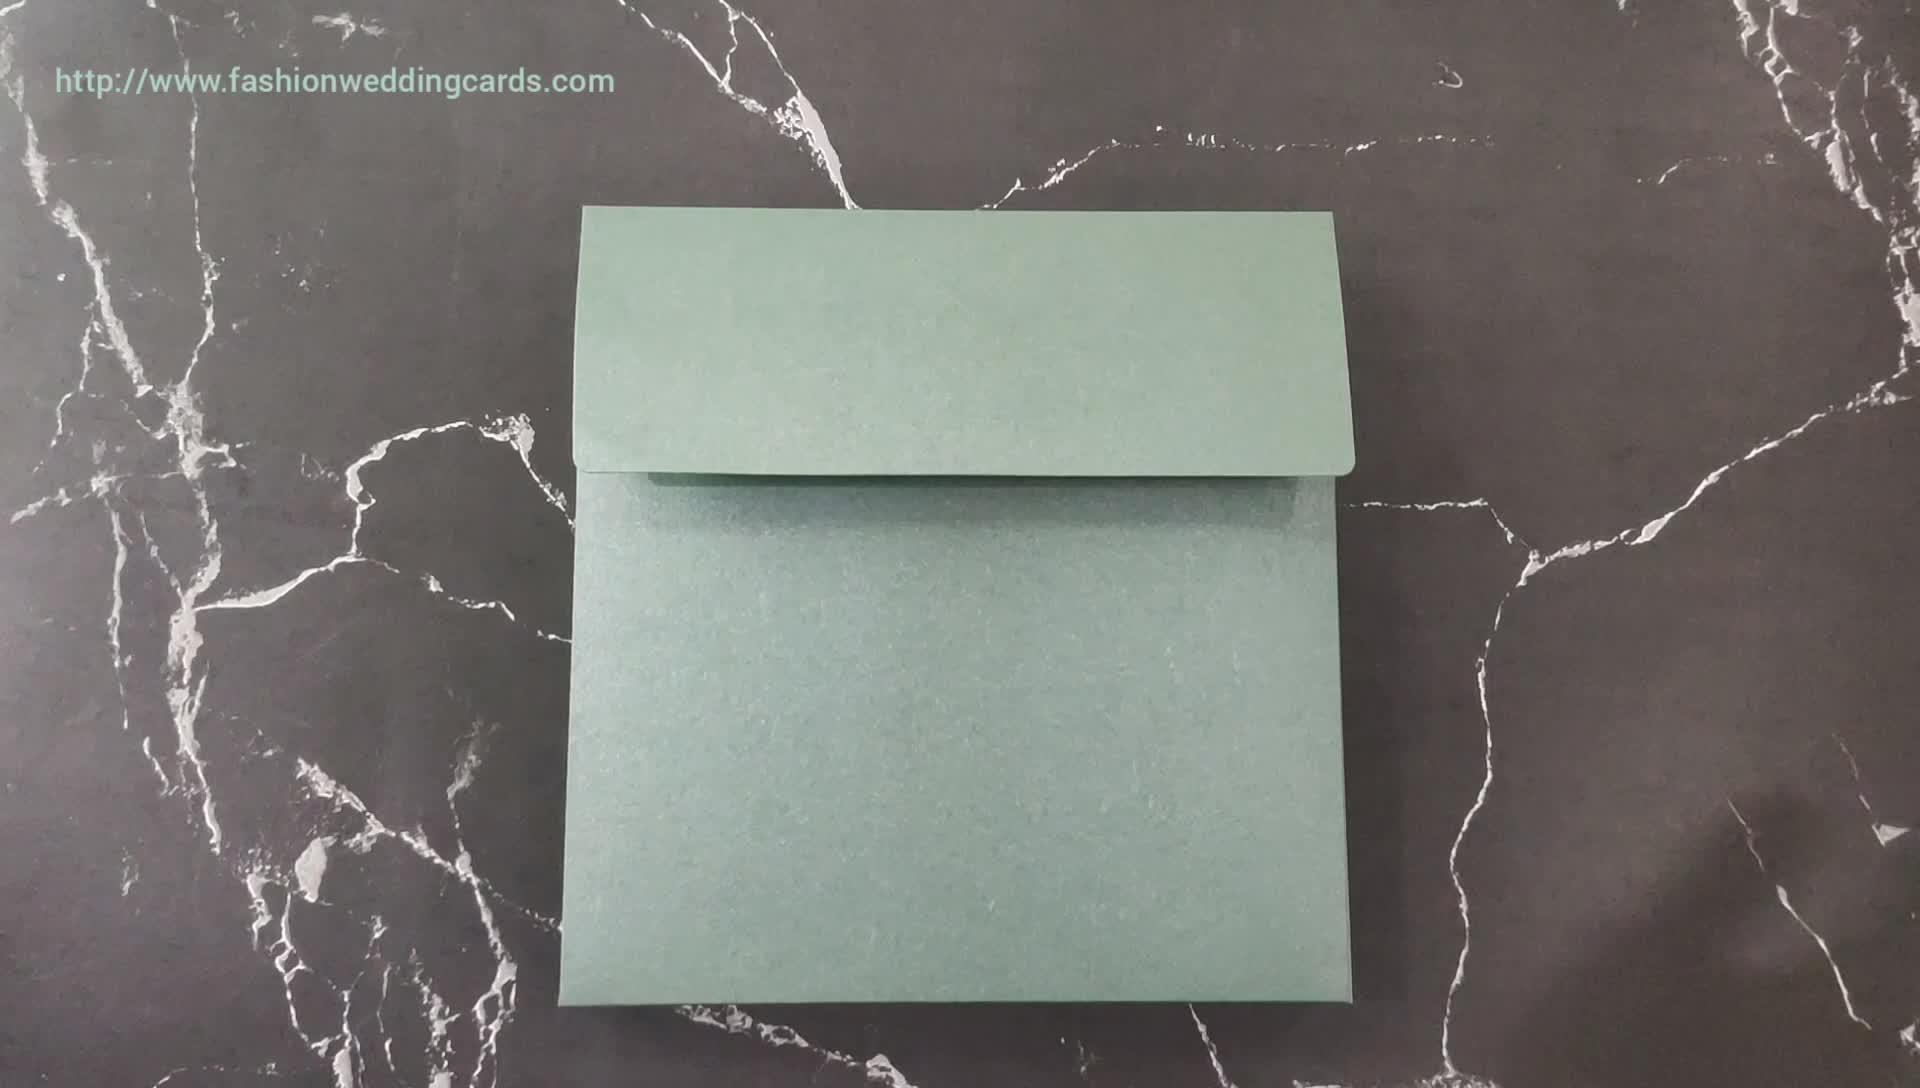 Gorgeous Foiling Acrylic wedding Invitation Card Luxury Green Foiling Wedding Invitation Box with Envelope